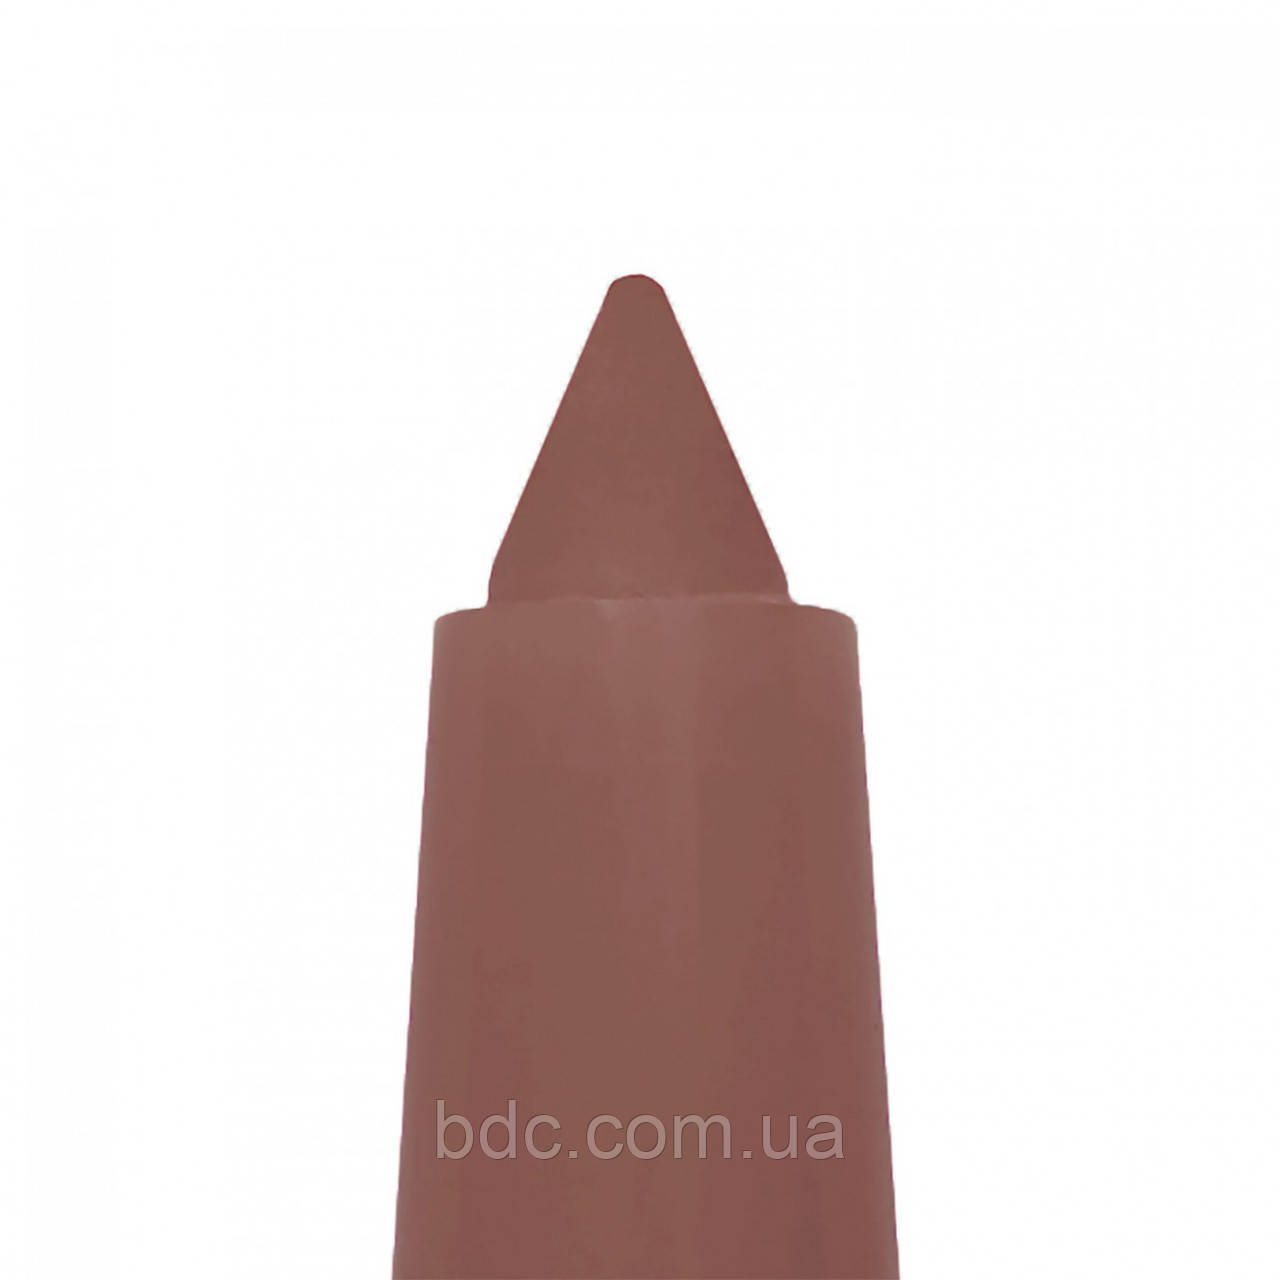 Карандаш для губ матовый механический Aristocrat (09 CAPPUCINO)